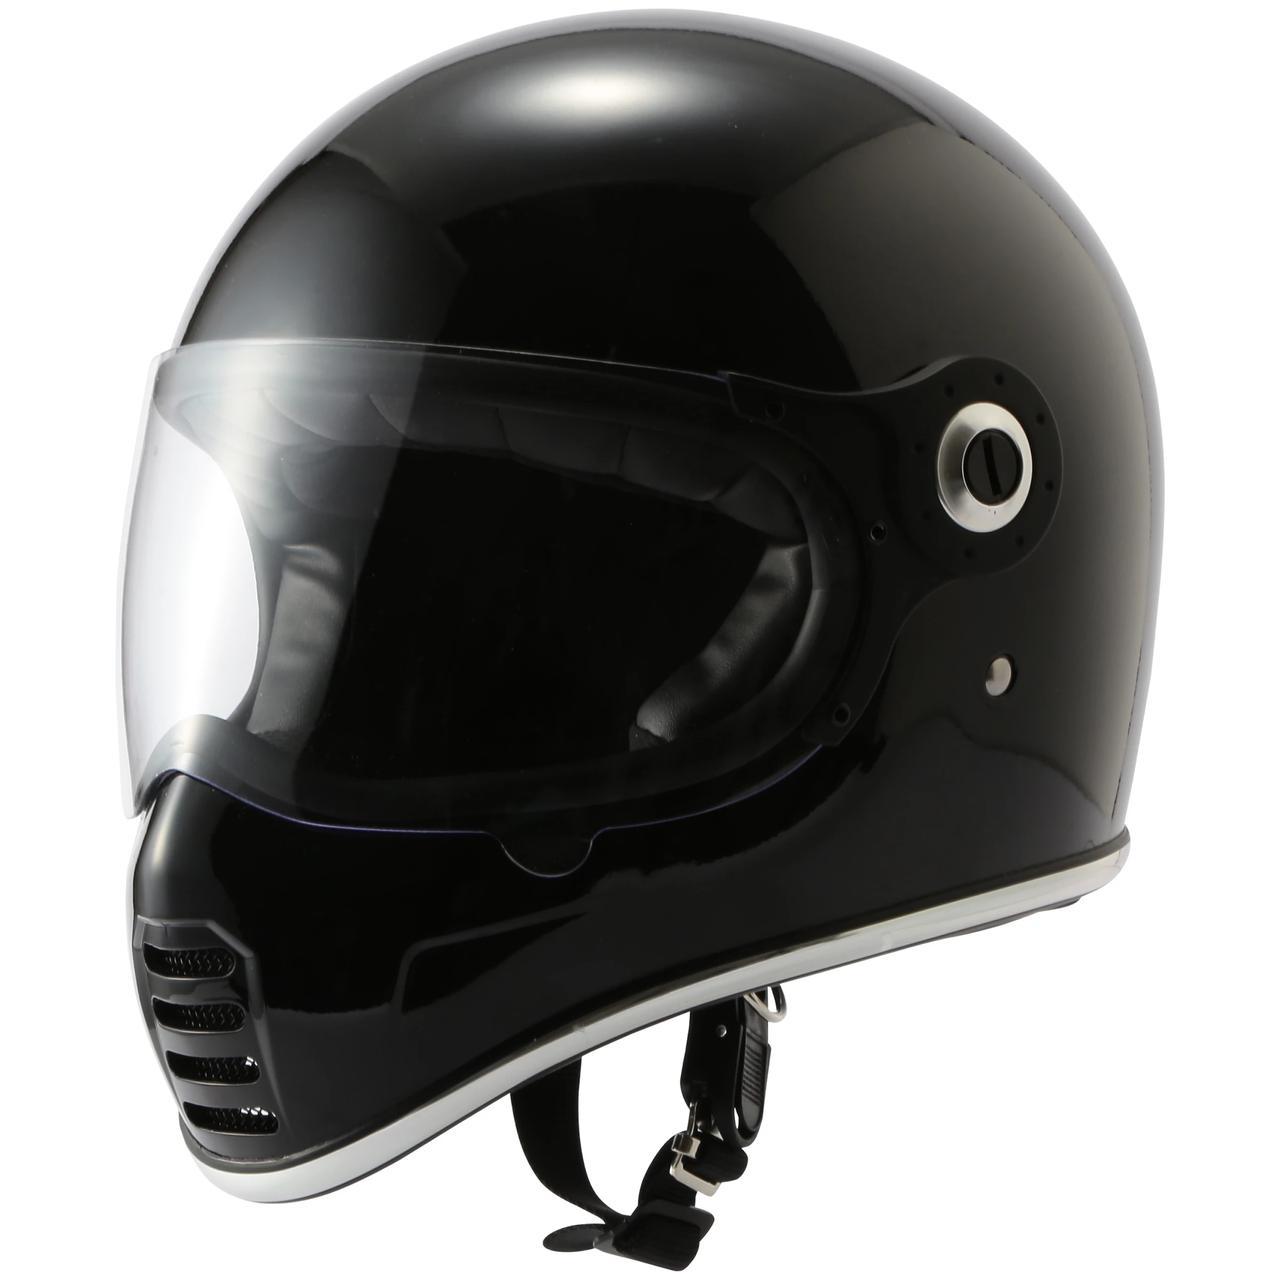 画像4: 【RIDEZ】ネオクラシックヘルメット「XX」(ダブルエックス)が発売開始! 価格も魅力的!